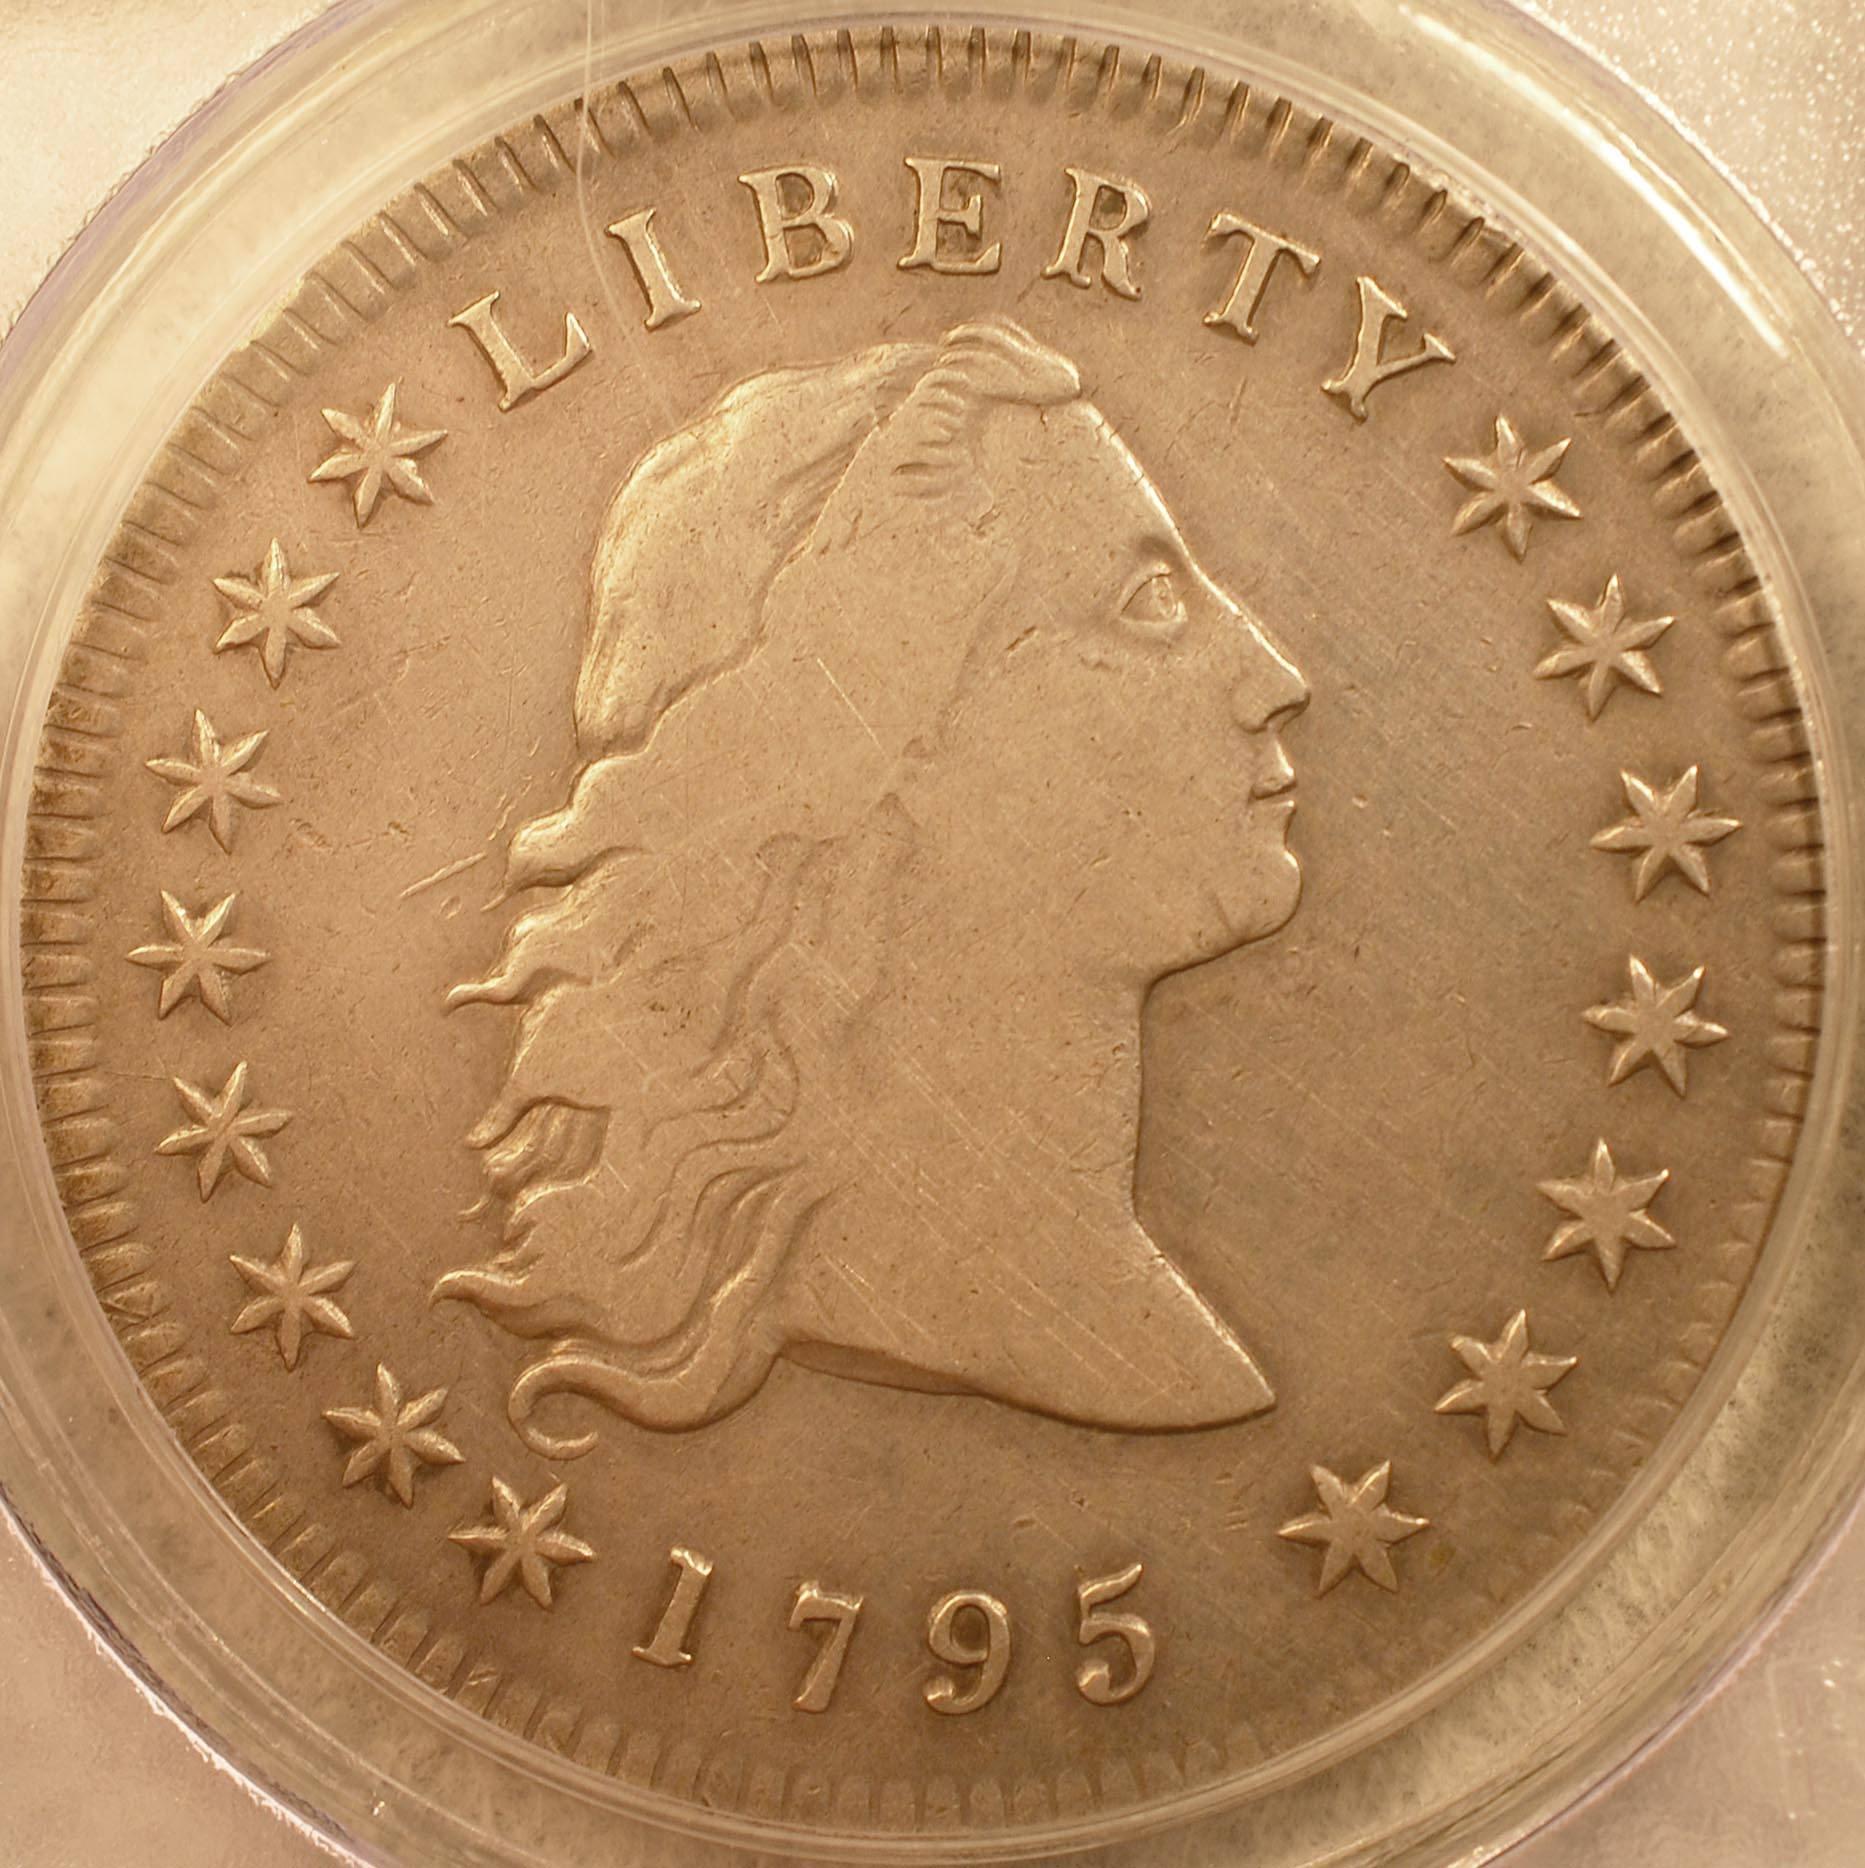 1795 Flowing Hair Dollar 3 Leaves Obverse